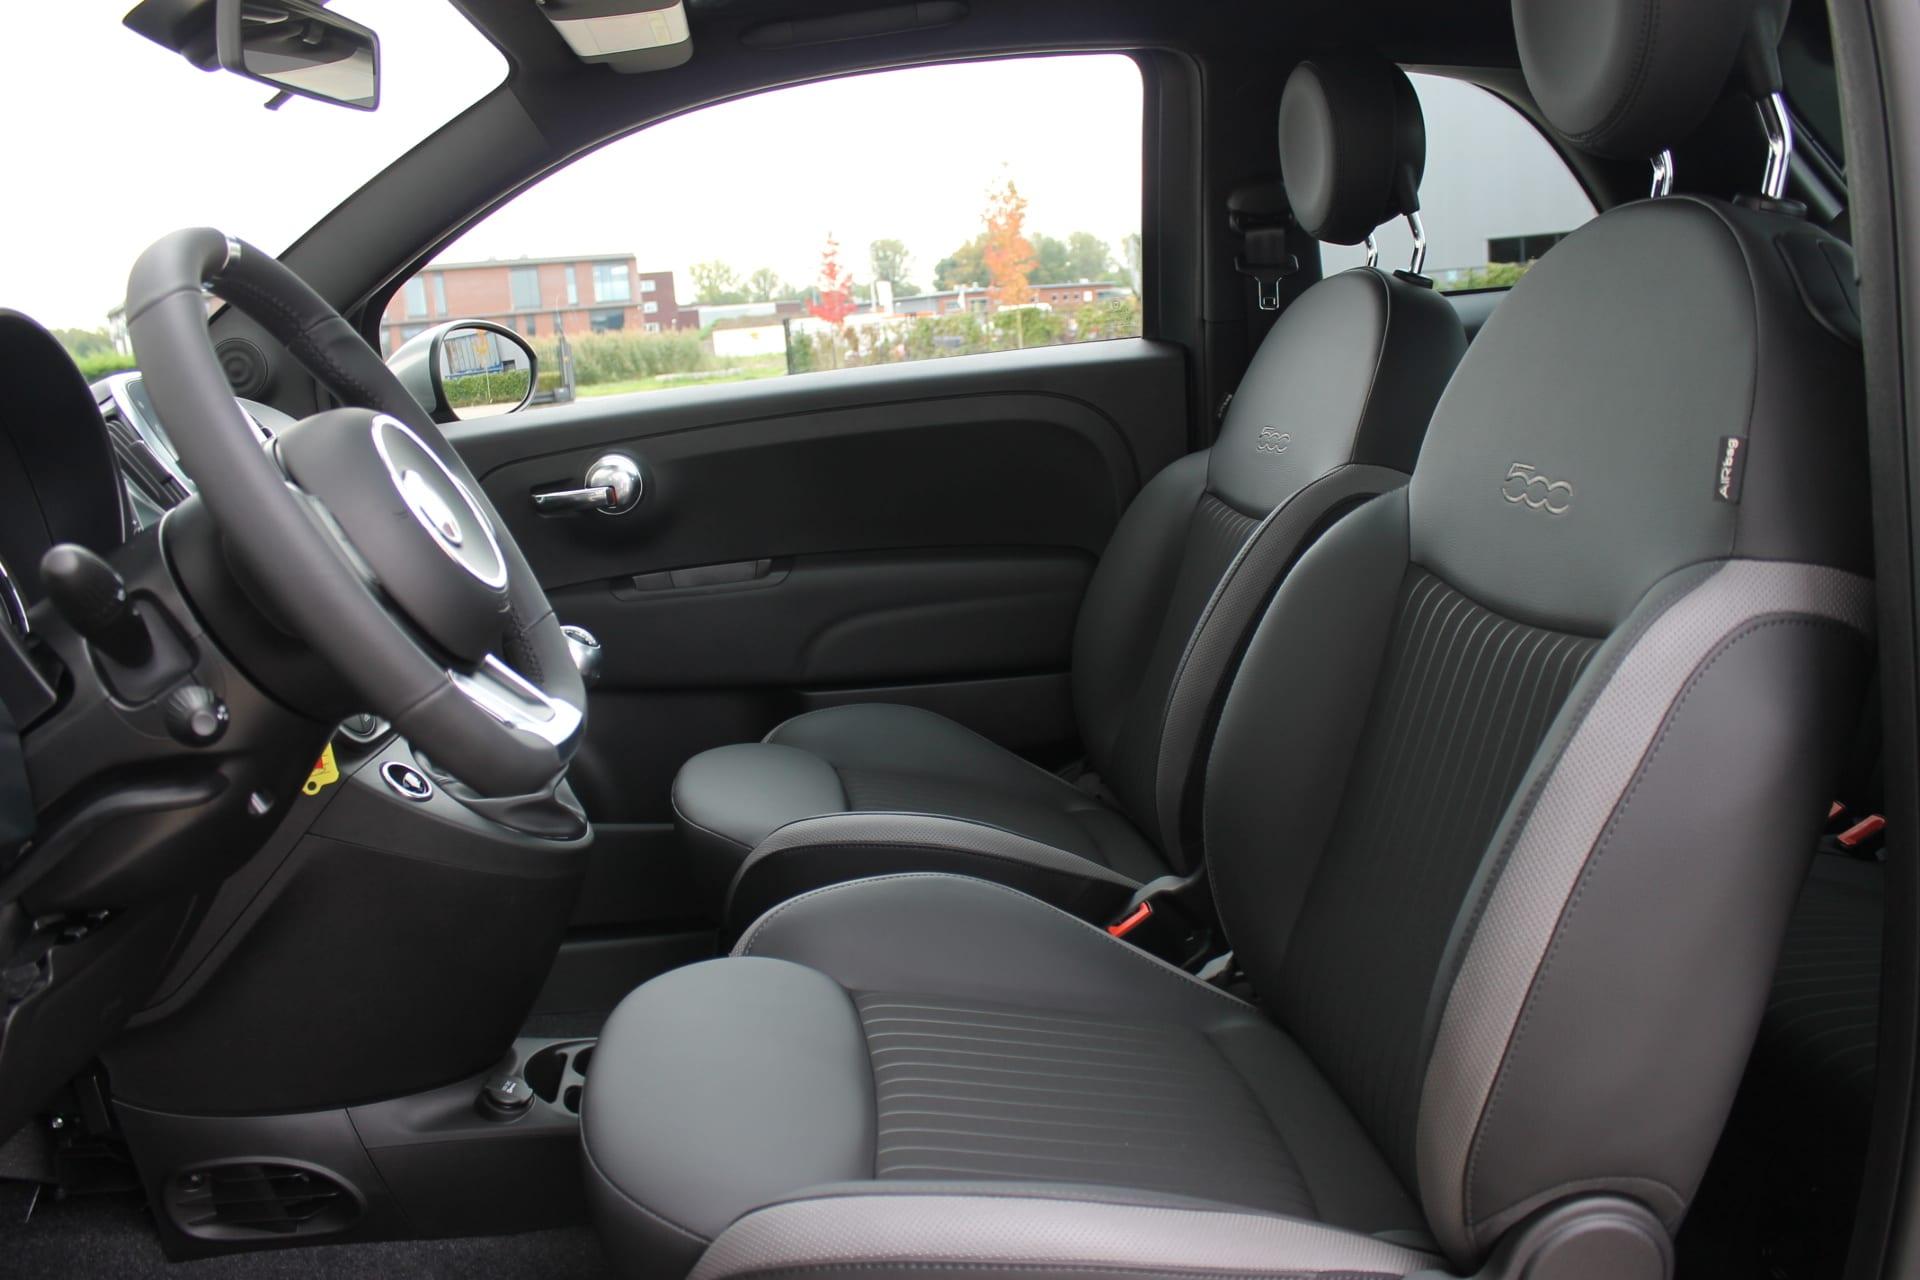 Fiat 500 Rockstar matgroen - interieur